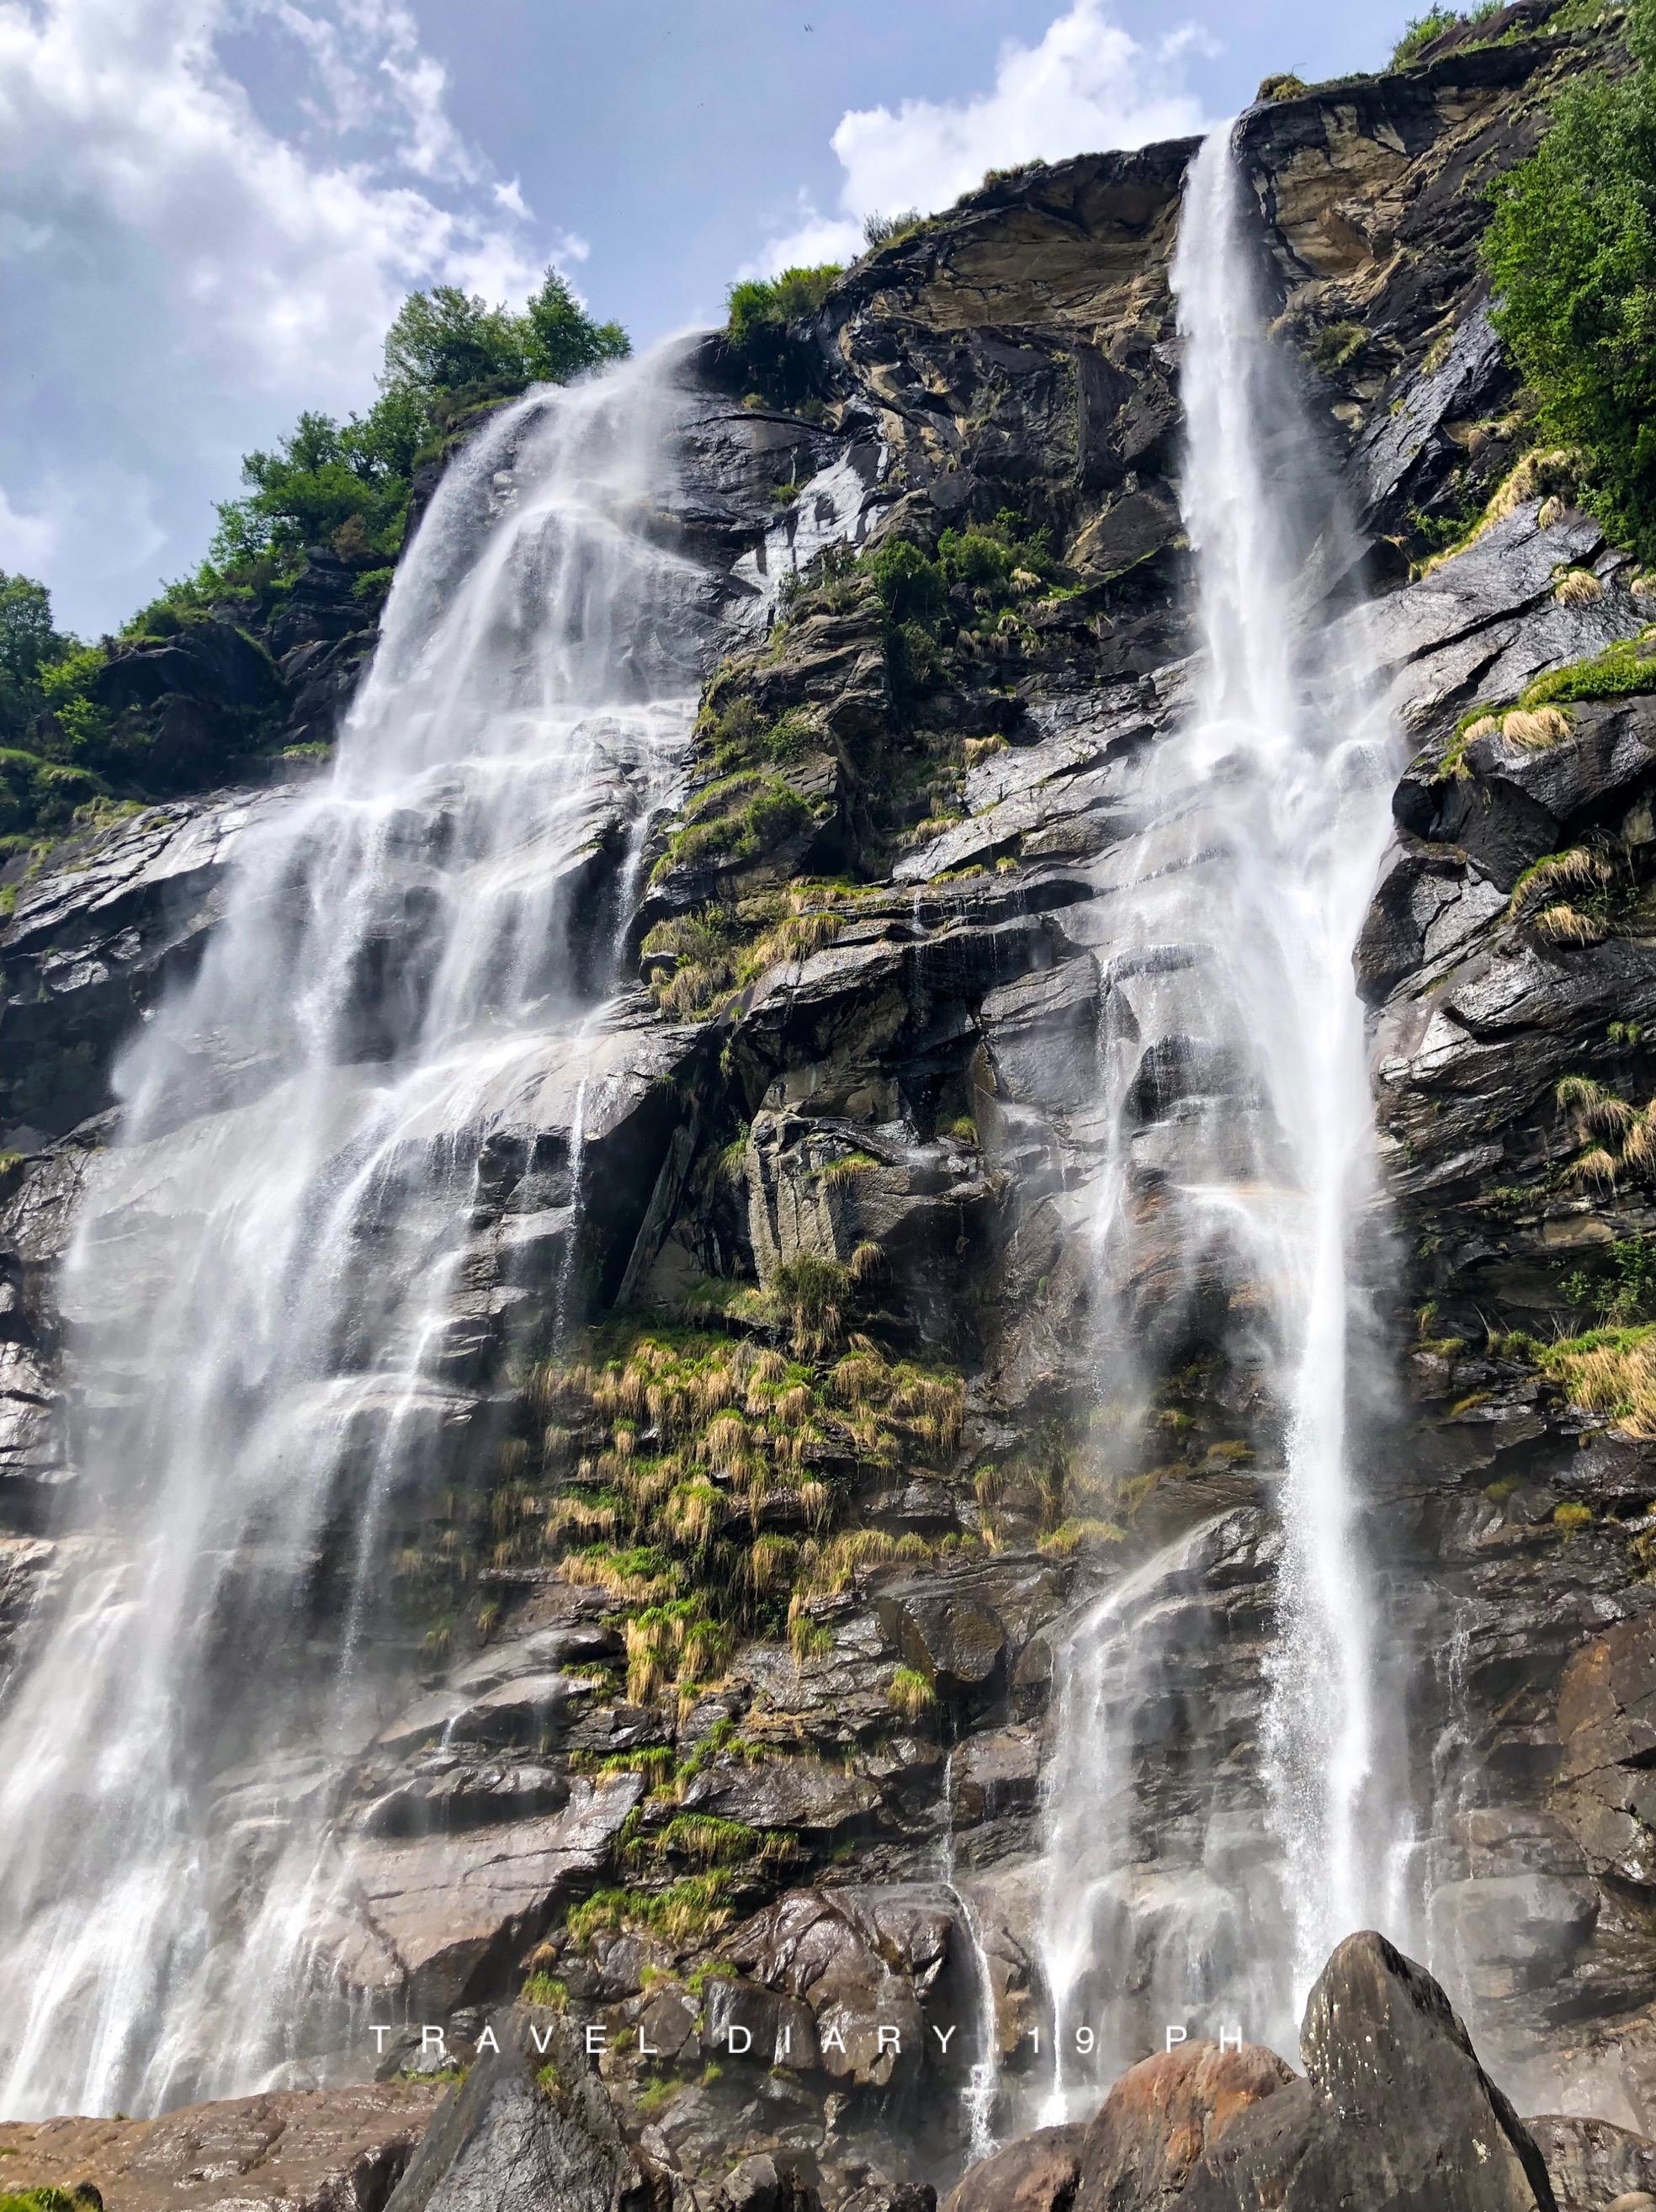 Il relax delle cascate dell'Acquafraggia, a Piuro